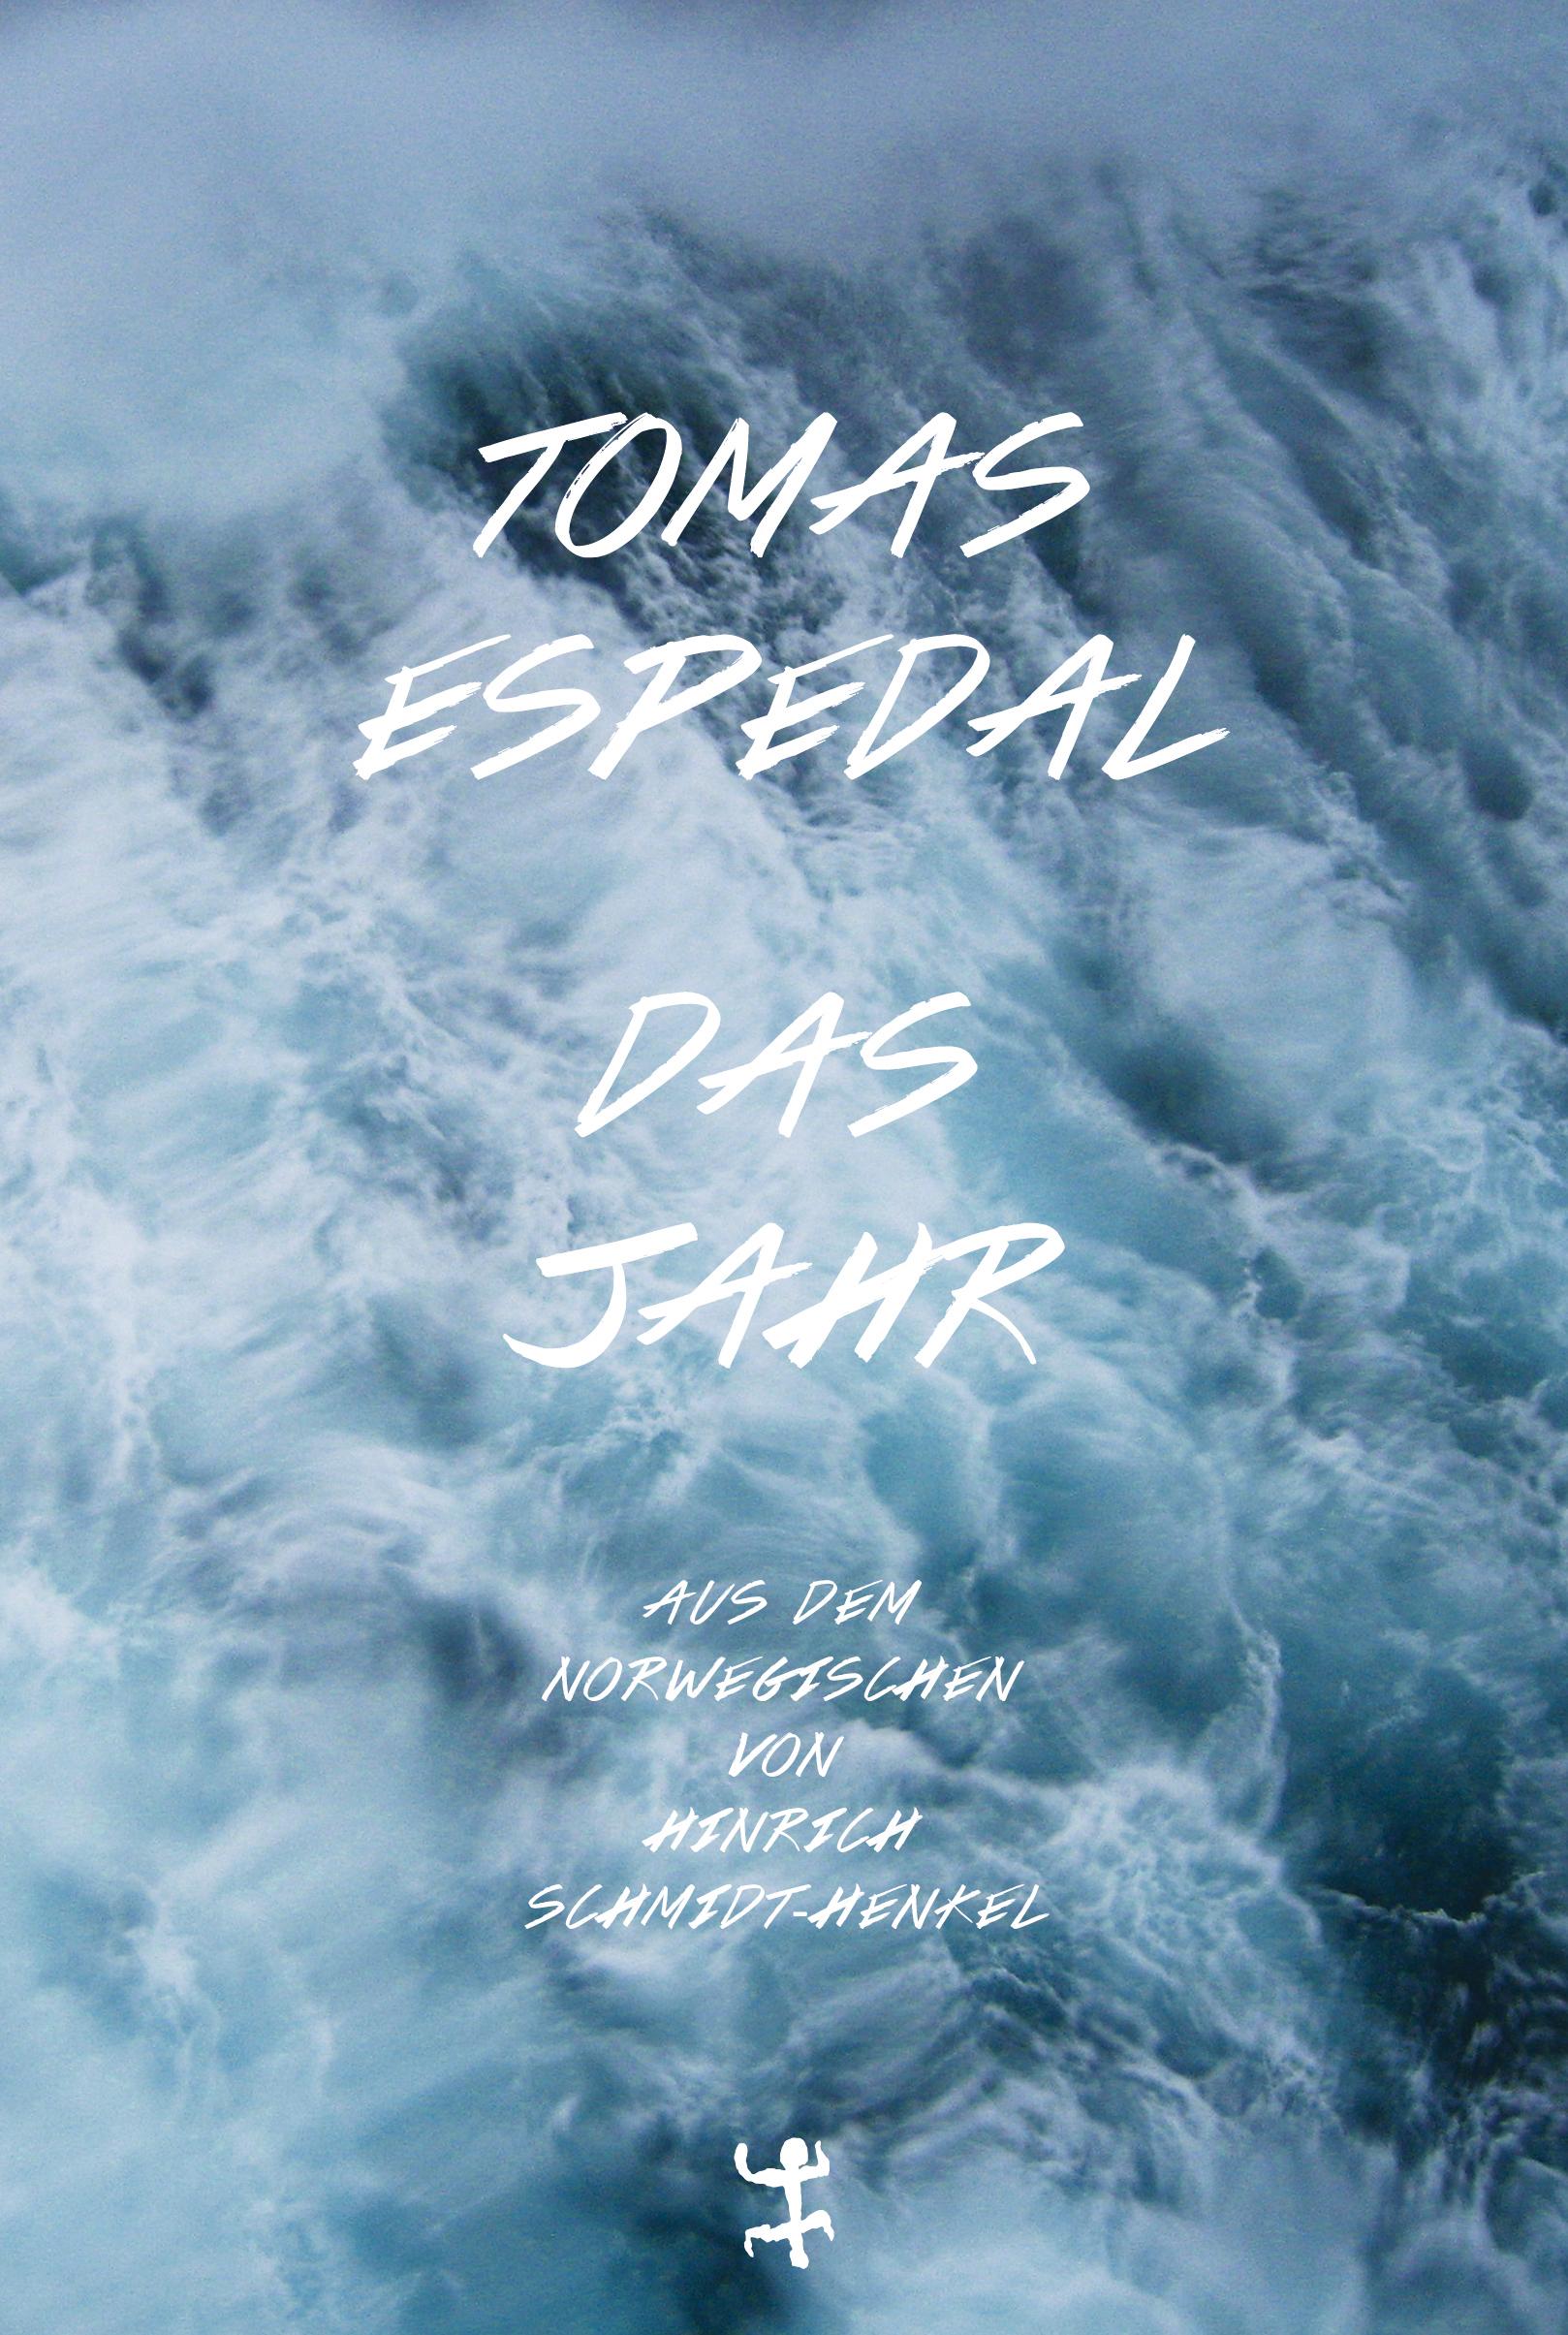 Tomas Espedal: Das Jahr. Aus dem Norwegischen von Hinrich Schmidt-Henkel. Mathhes & Seitz Berlin 2019. 199 Seiten. 17,99 Euro.